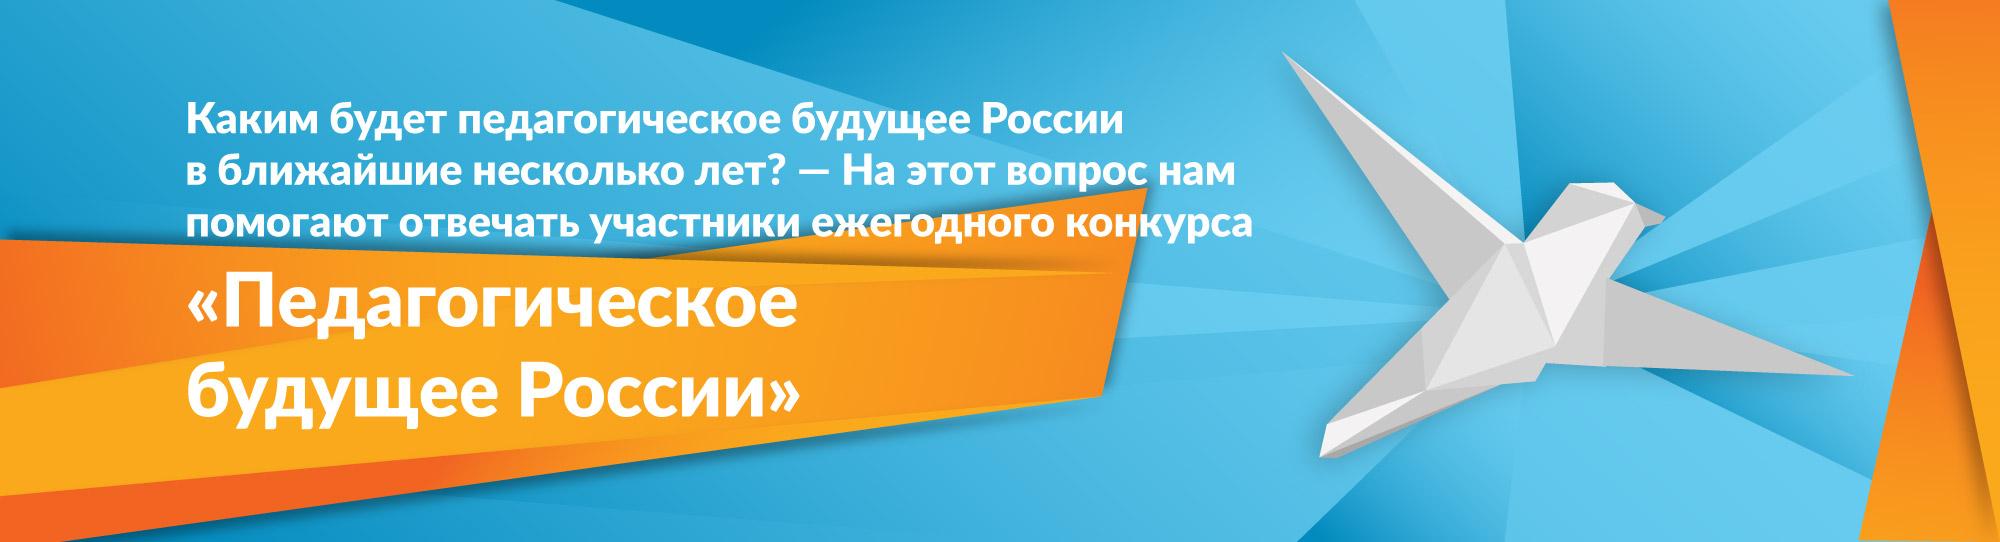 mpgu-site-proforient-proekt4-banner